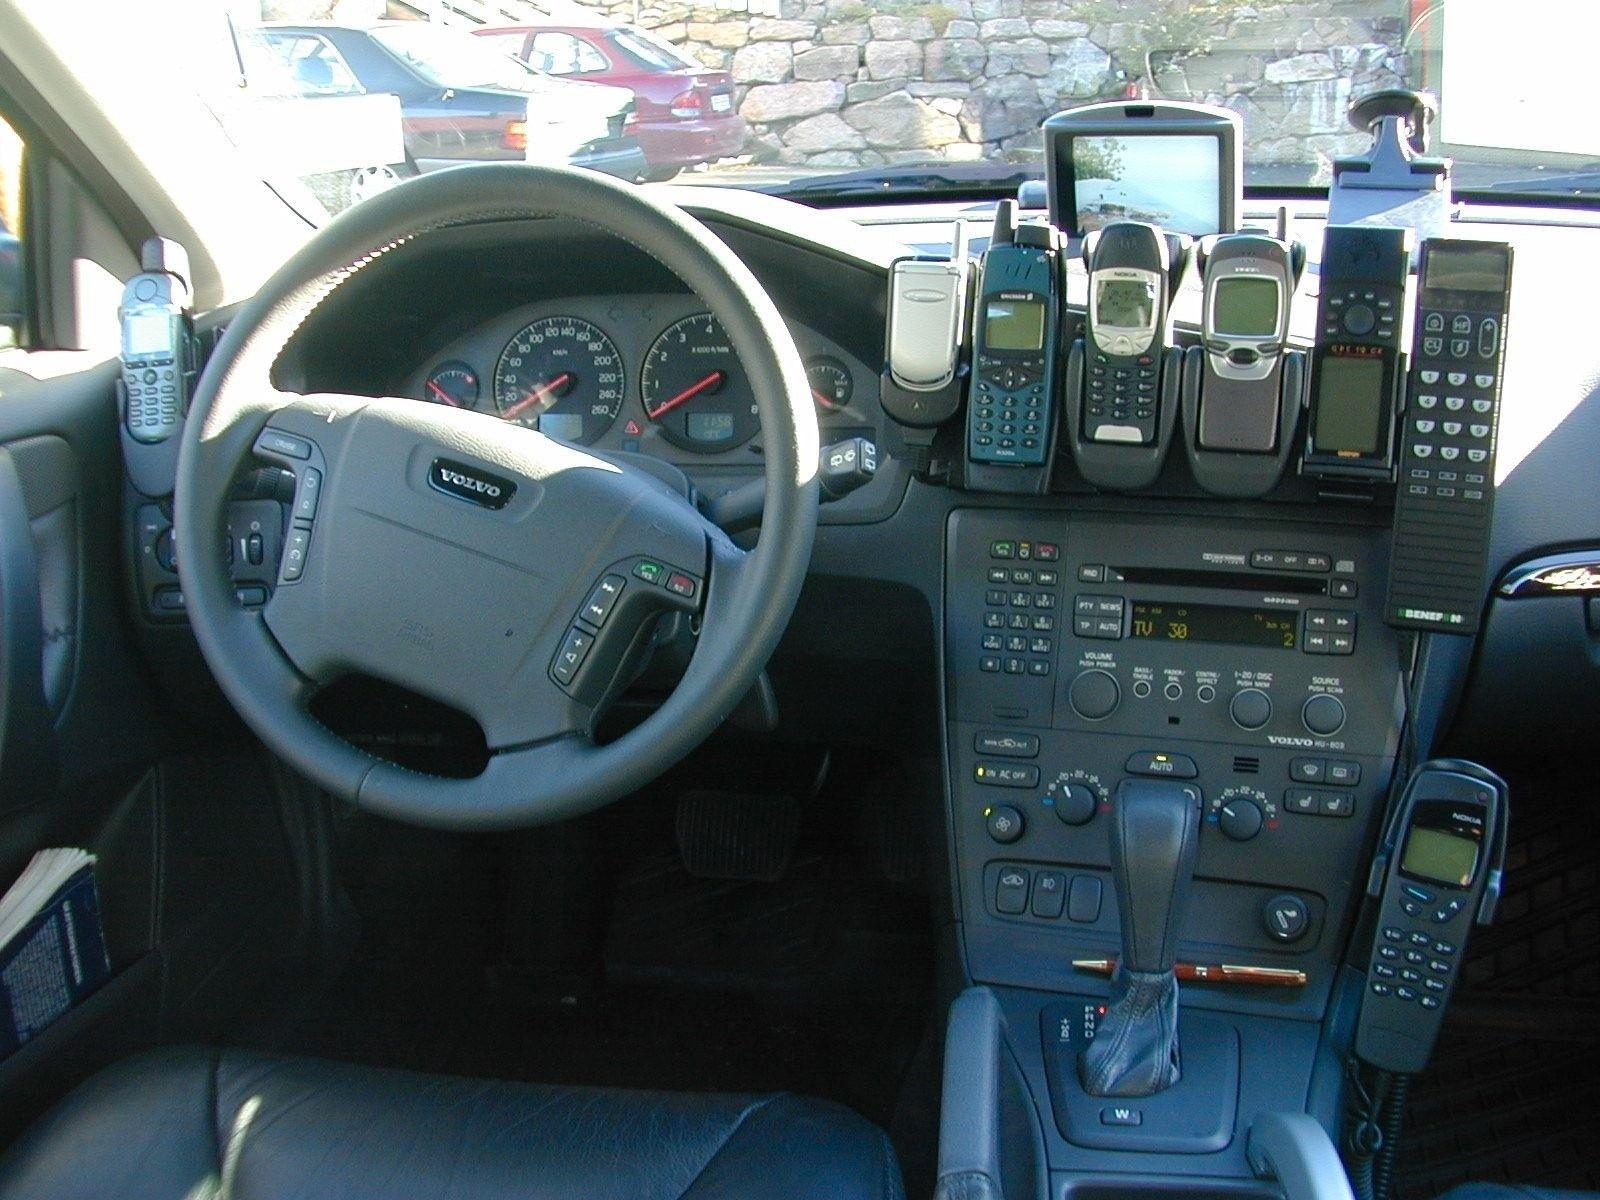 Fra en tidligere dekningsbil. Mange blir sikkert nostalgiske ved synet av disse gamle mobilfavorittene.Foto: Telenor